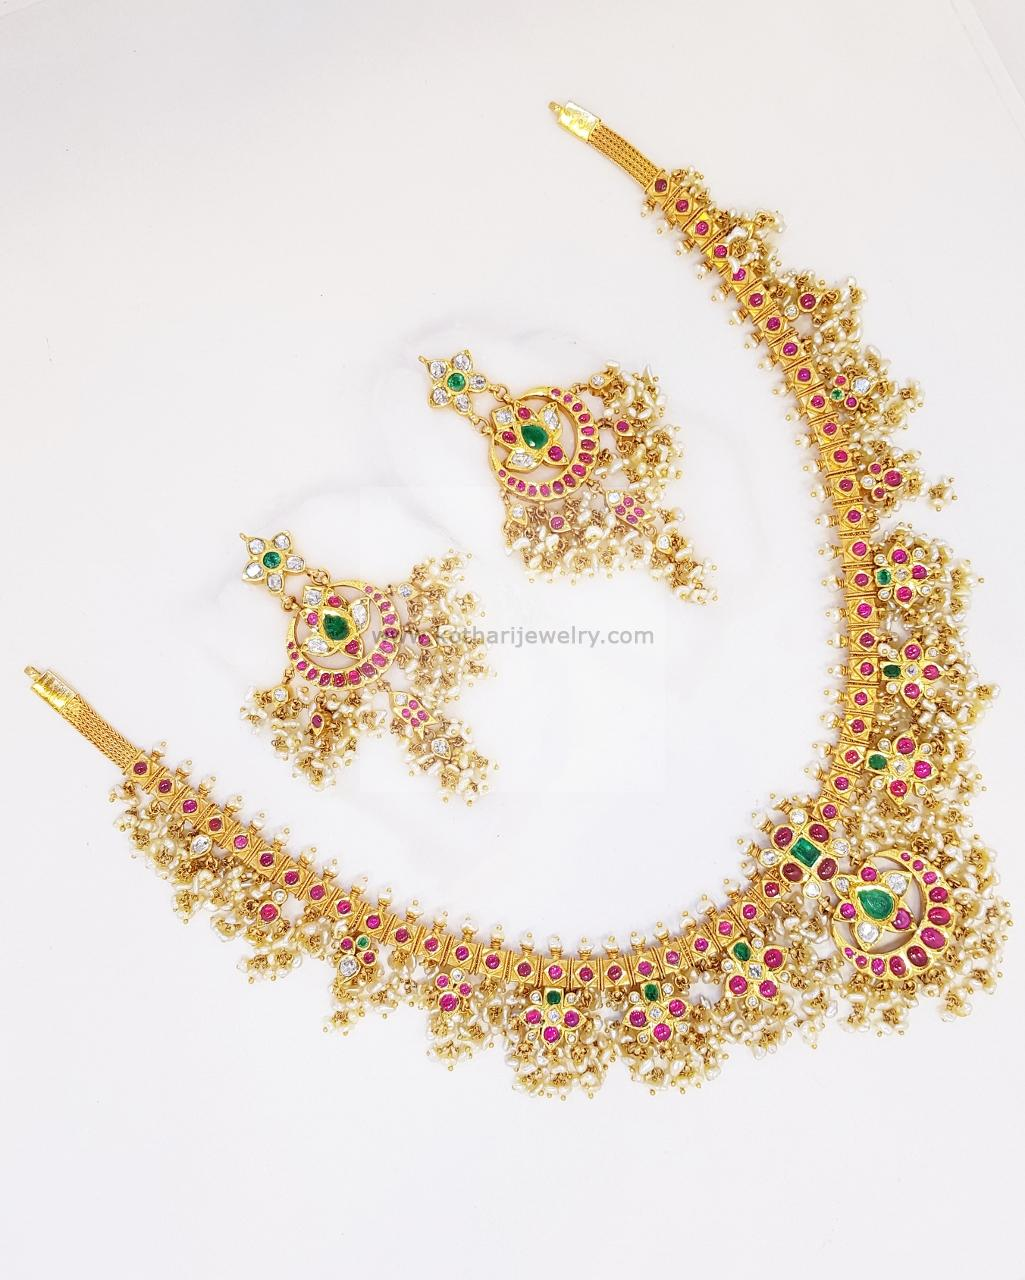 Gold Jewelry Diamond Jewelry Online Jewelry Shop